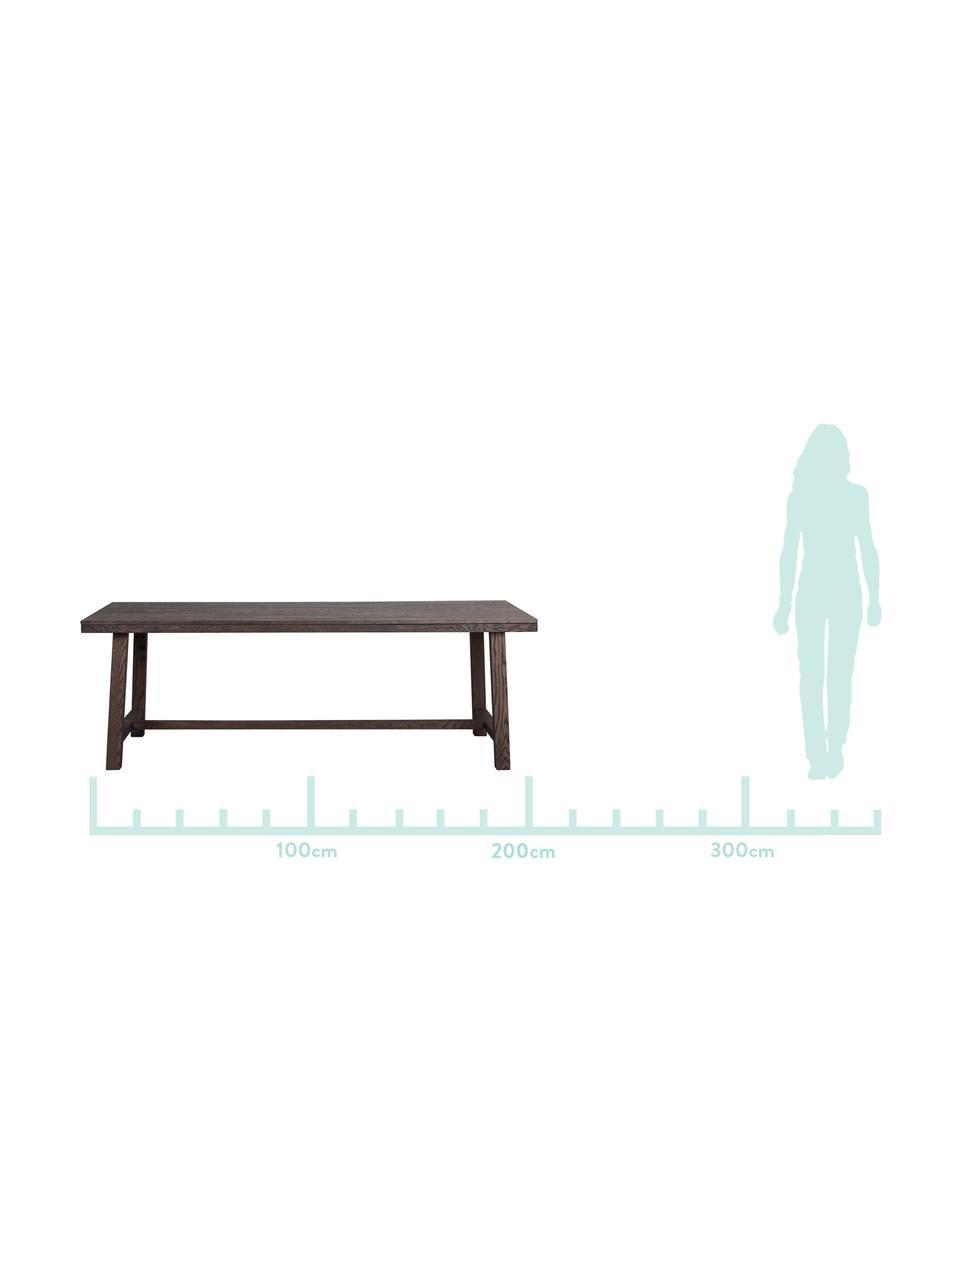 Großer Massivholz Esstisch Brooklyn, Massives Eichenholz, gebeizt und klarlackiert, Eiche, Dunkelbraun gebeizt, B 220 x T 95 cm